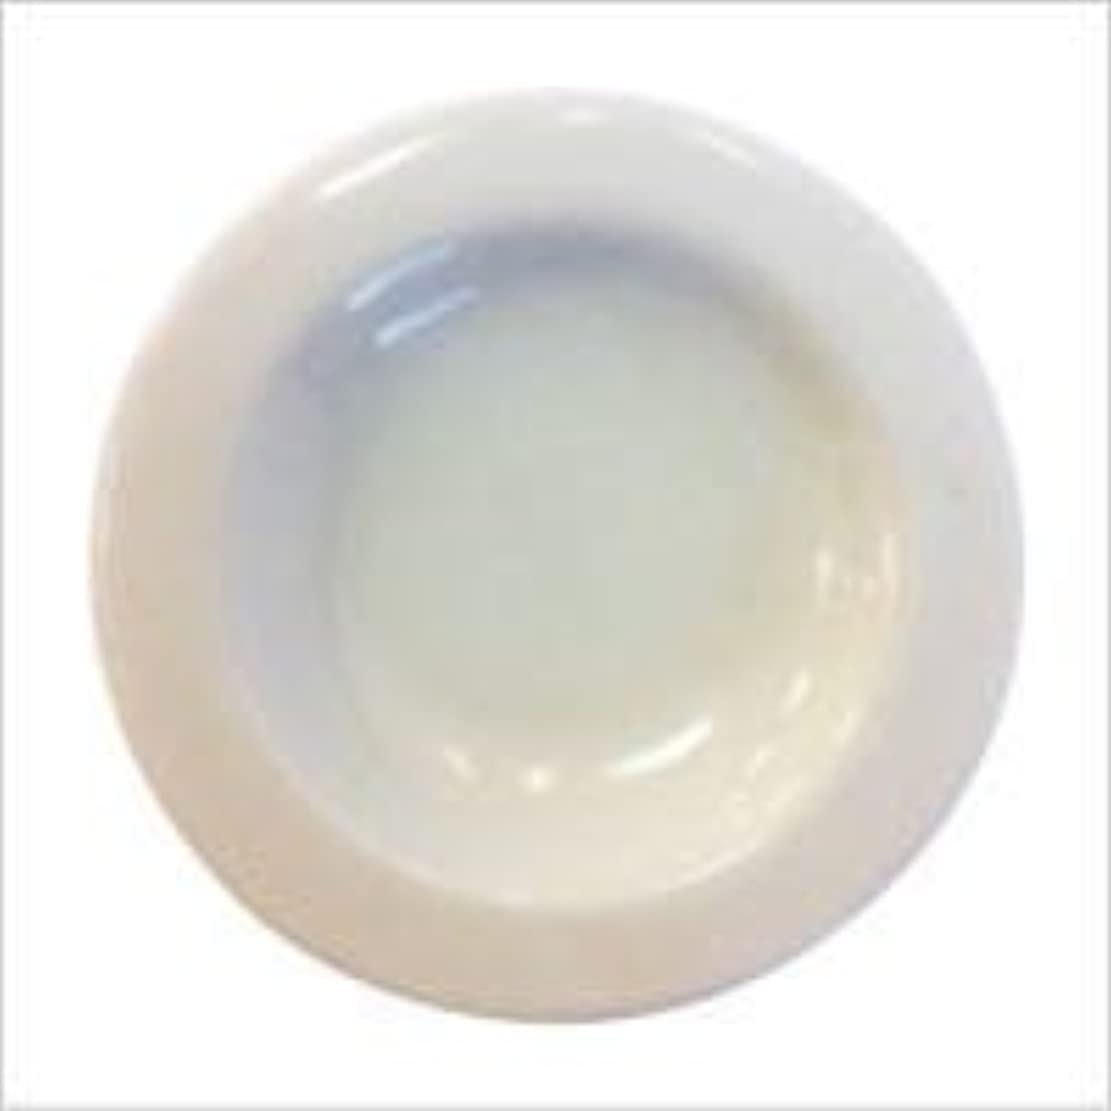 漁師アリスクール生活の木 ミント用精油皿